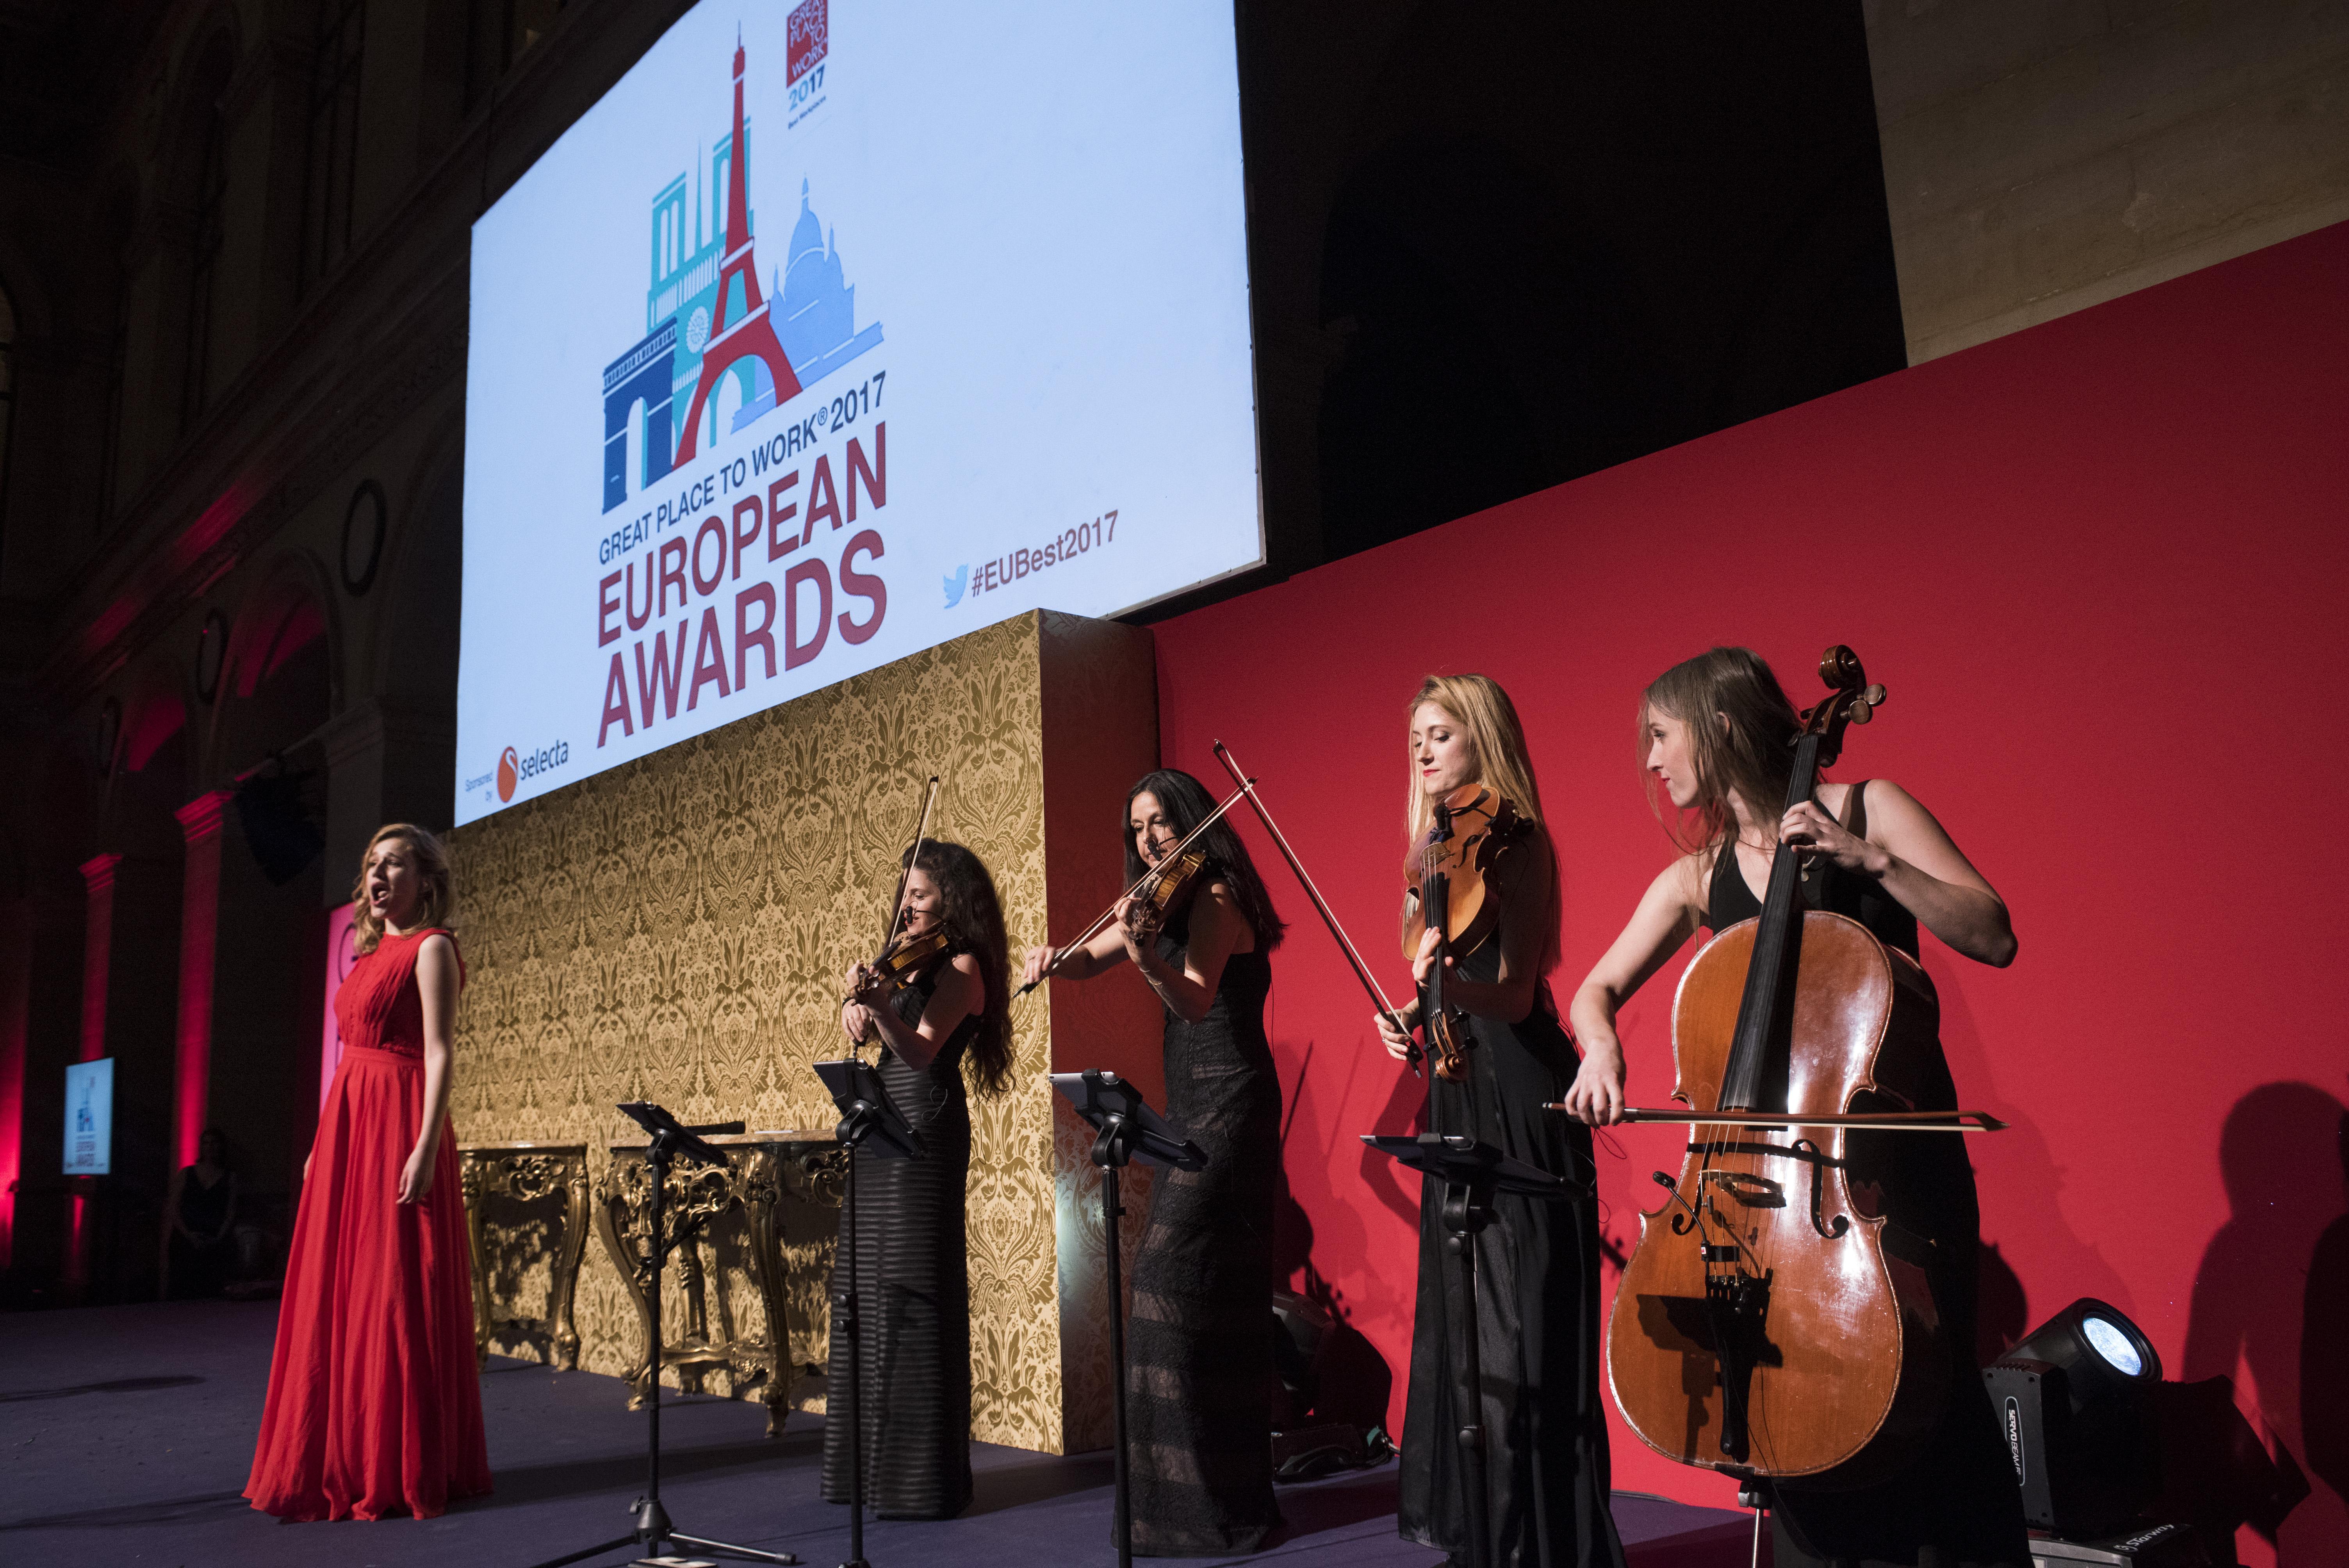 Concert privé avec la chanteuse Eve Coquard pour un répertoire lyrique lors de la Cérémonie des European Ewards au Palais de la Bourse